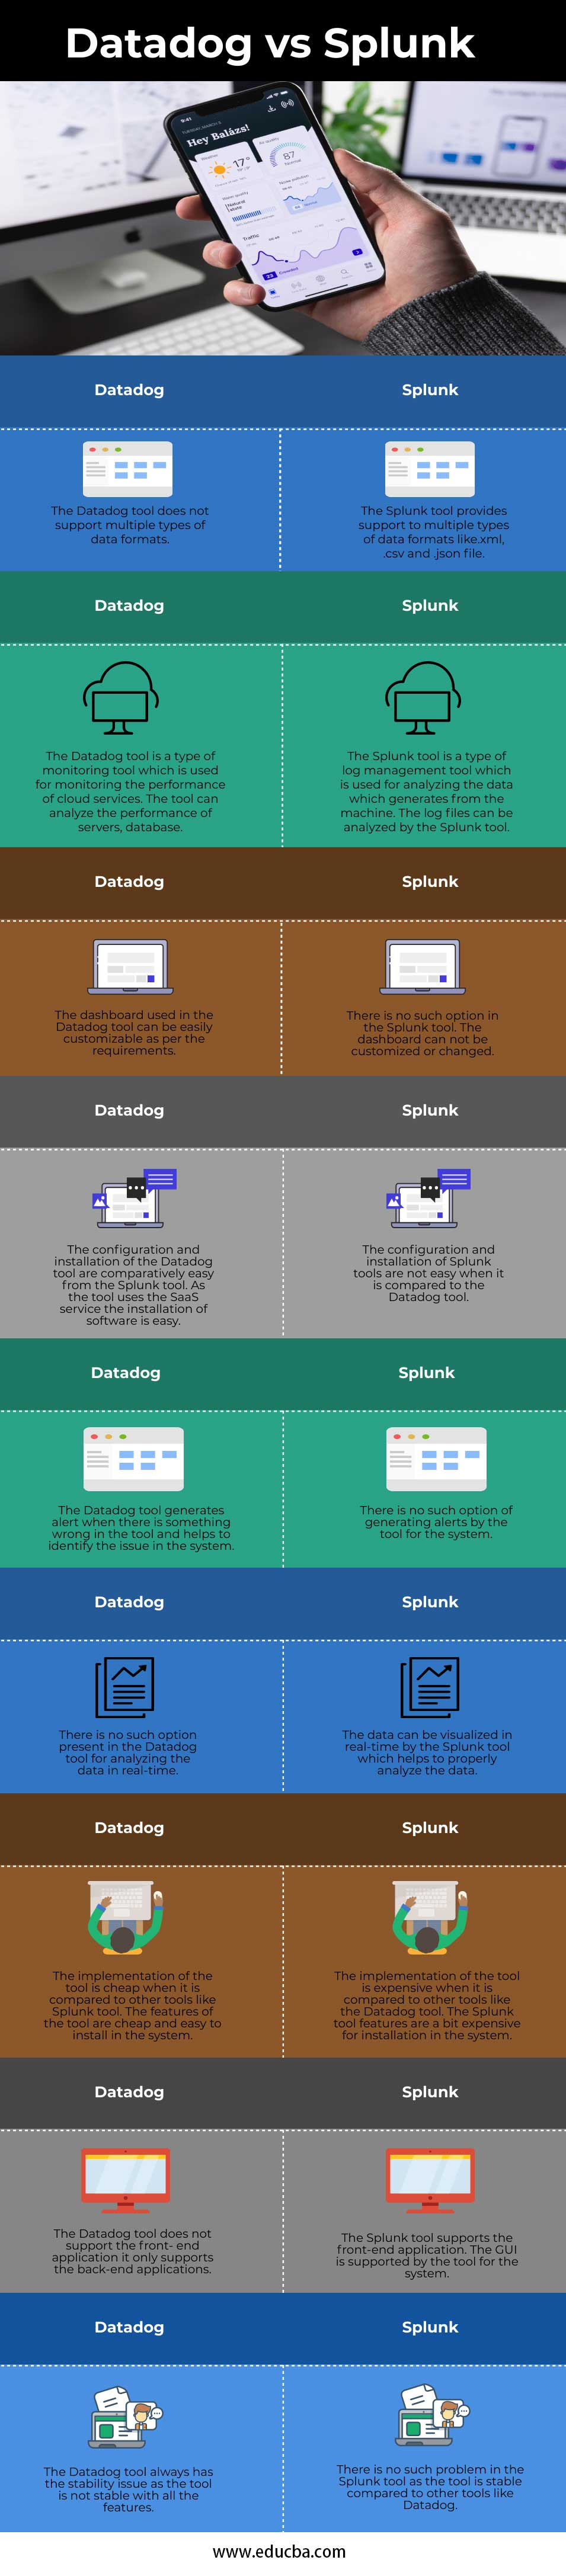 Datadog vs Splunk info